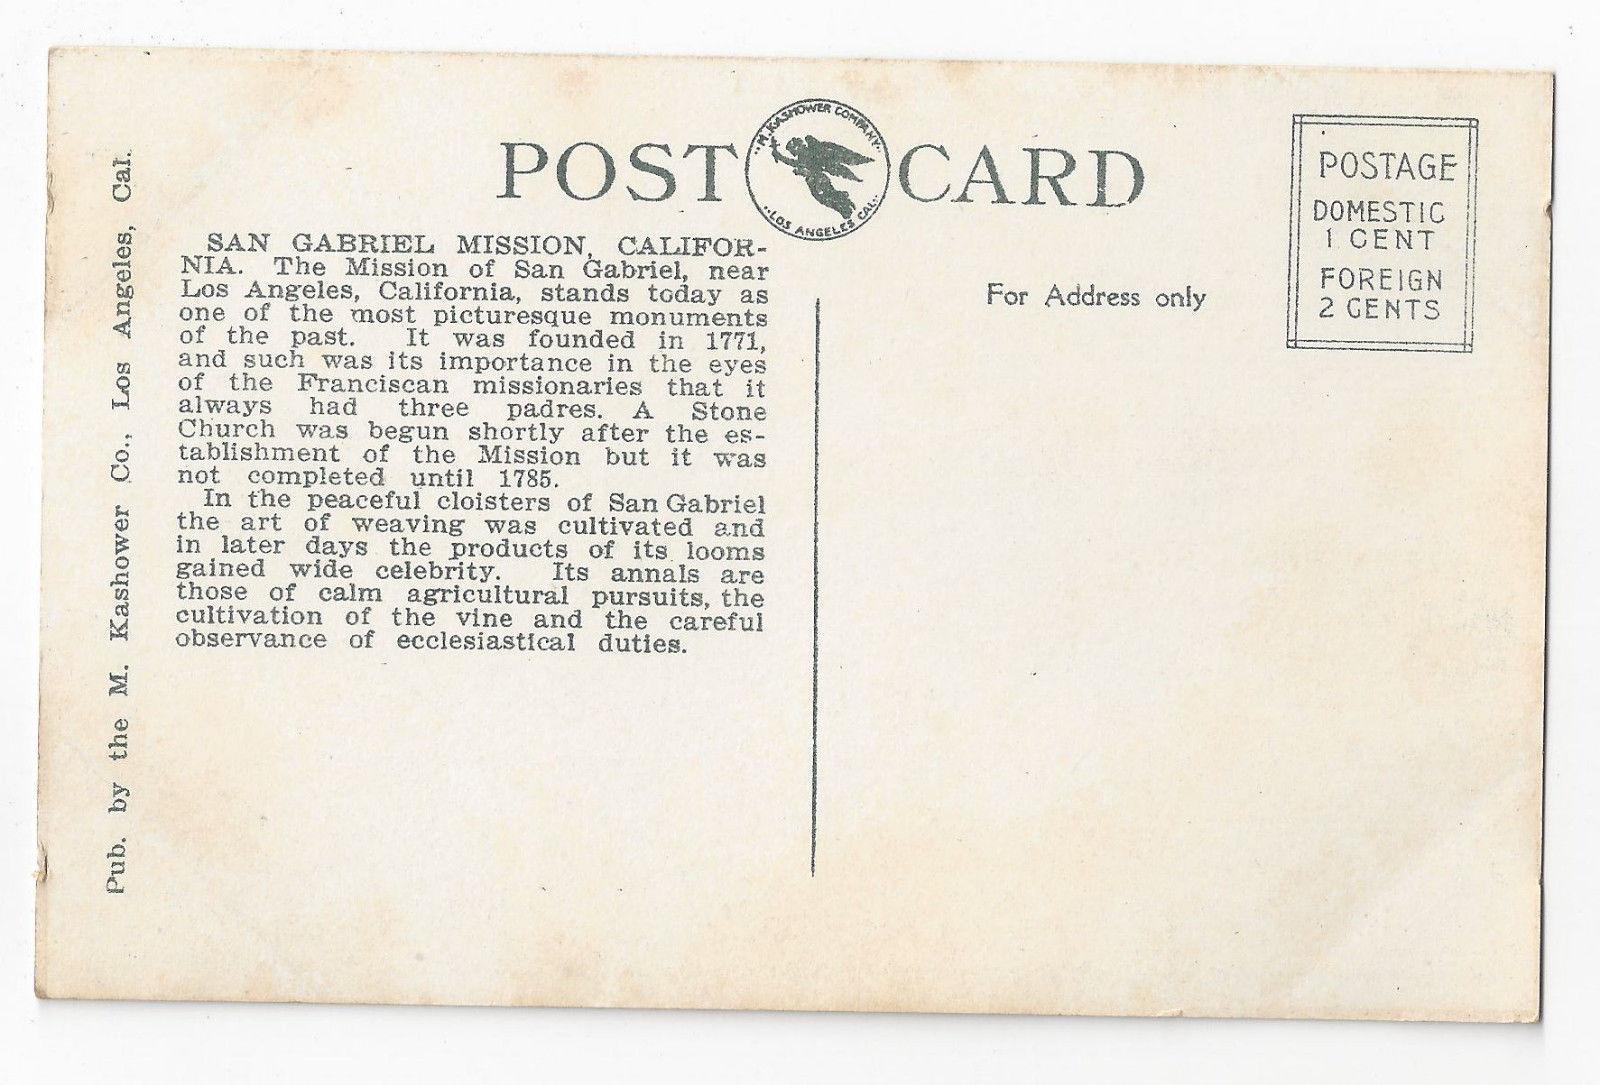 CA Mission San Gabriel Founded 1771 Vintage Kashower Postcard